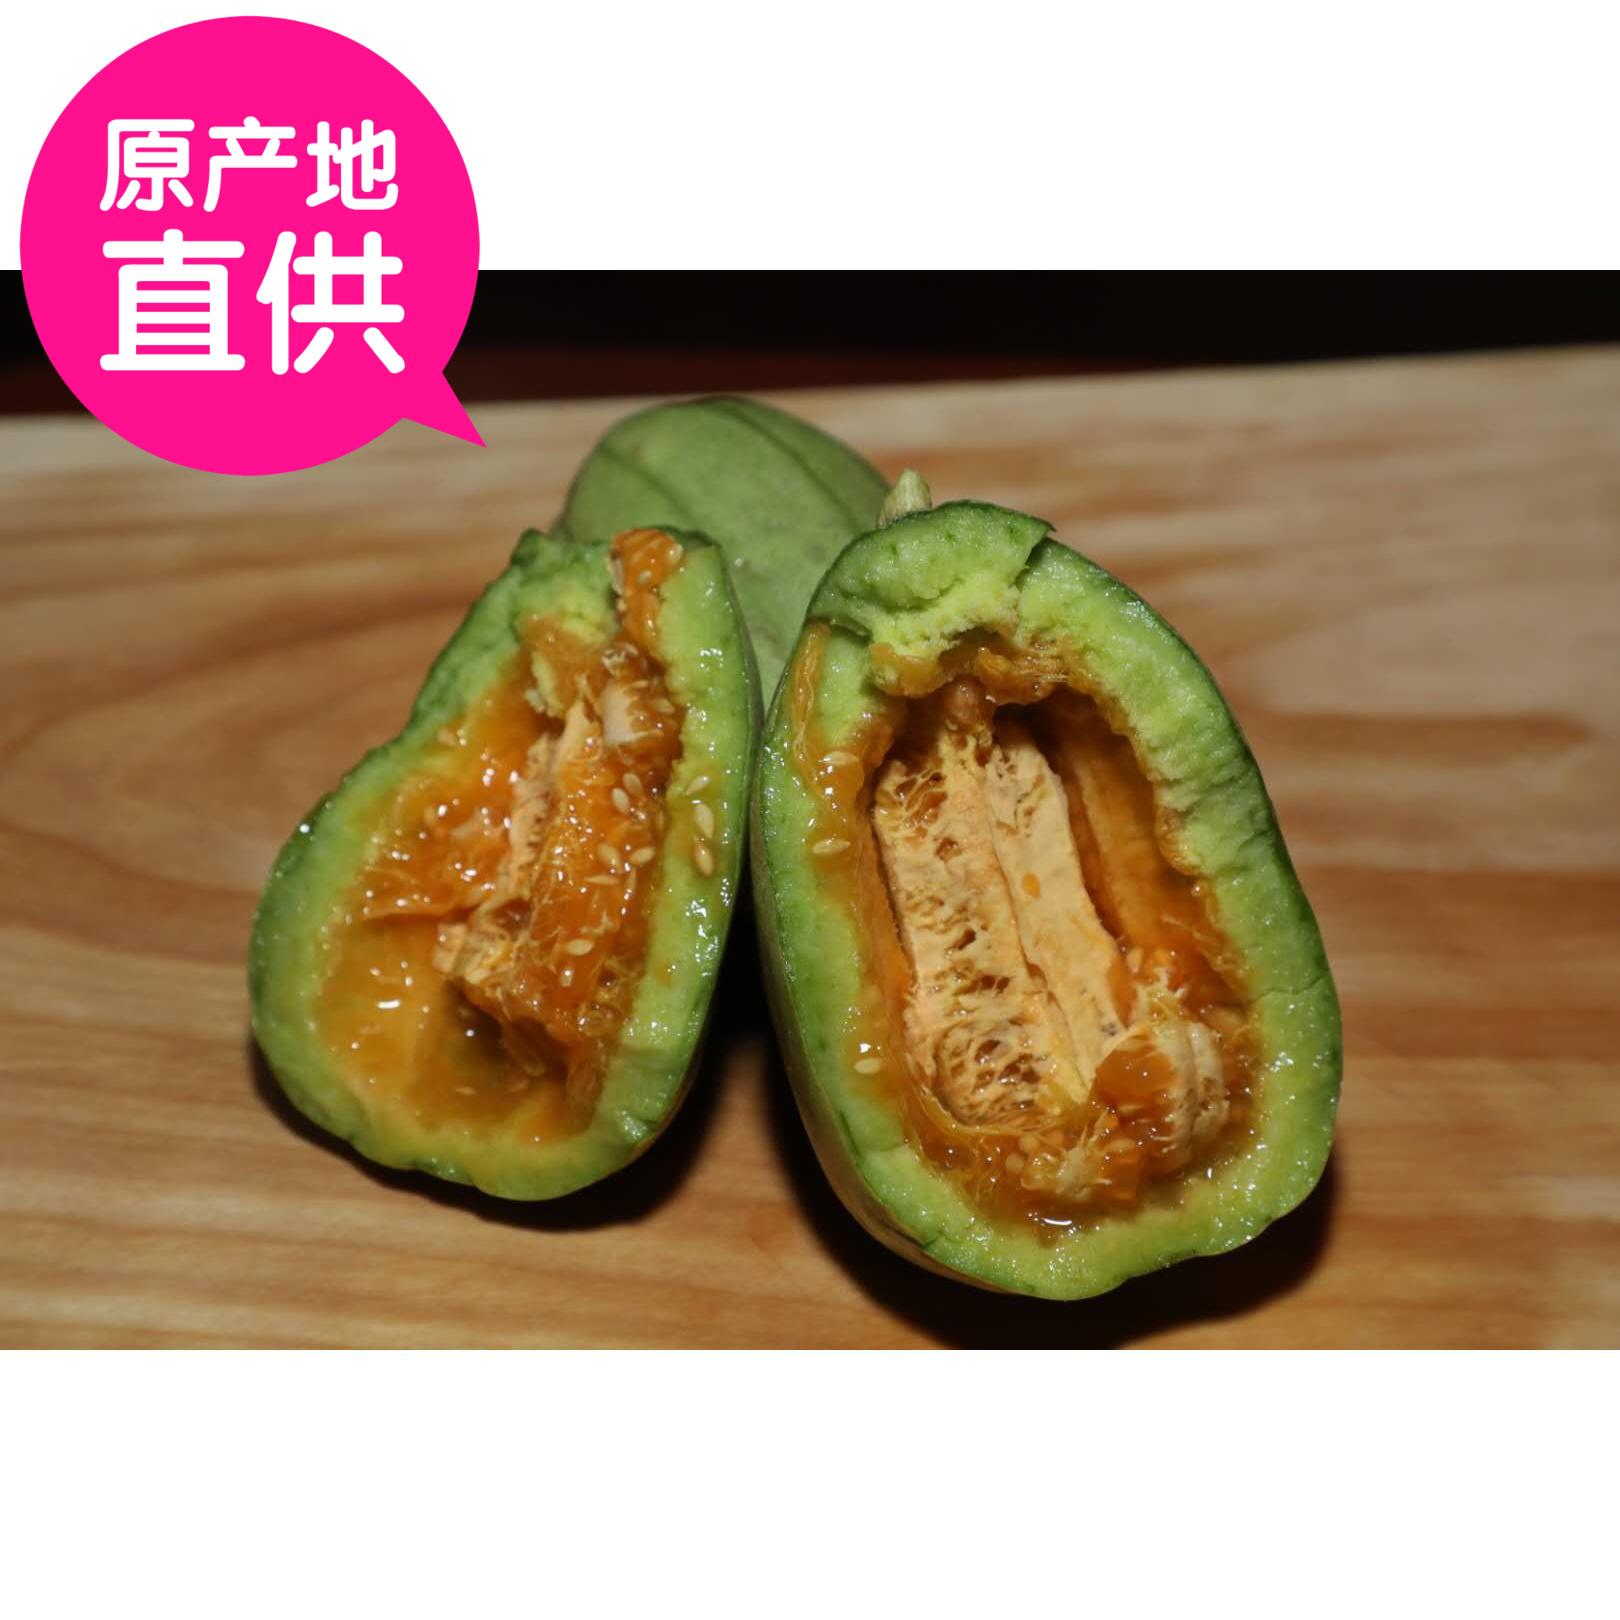 山西特产忻州芝麻蜜香瓜水果现摘现发精品五斤鲜果包邮